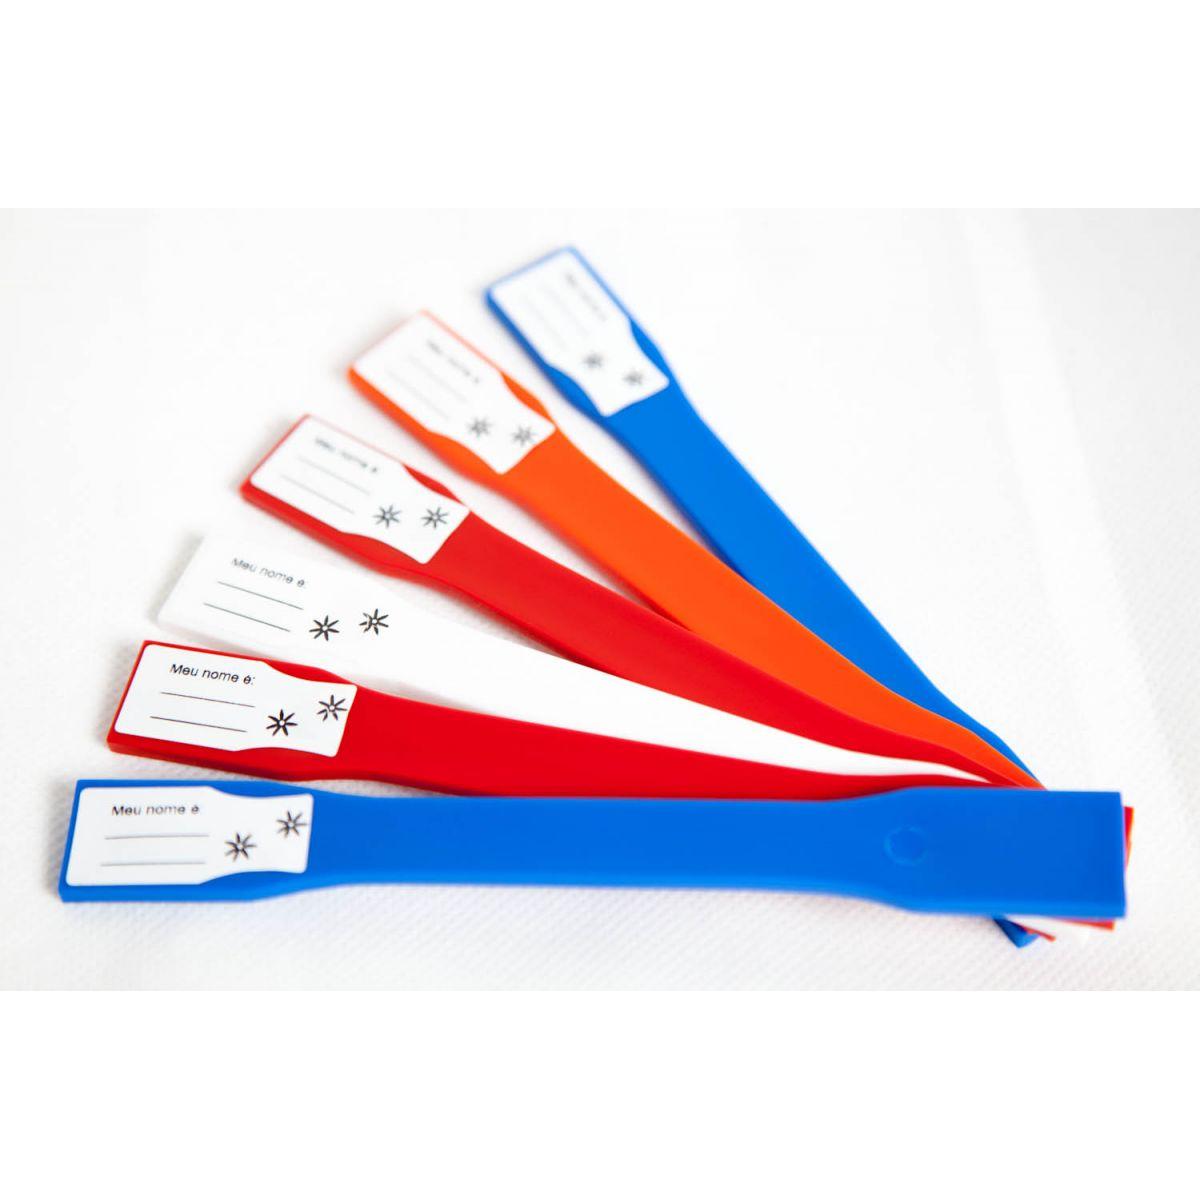 Kit com 12 Plaquetas de identificação 15 cm - FAZFORT